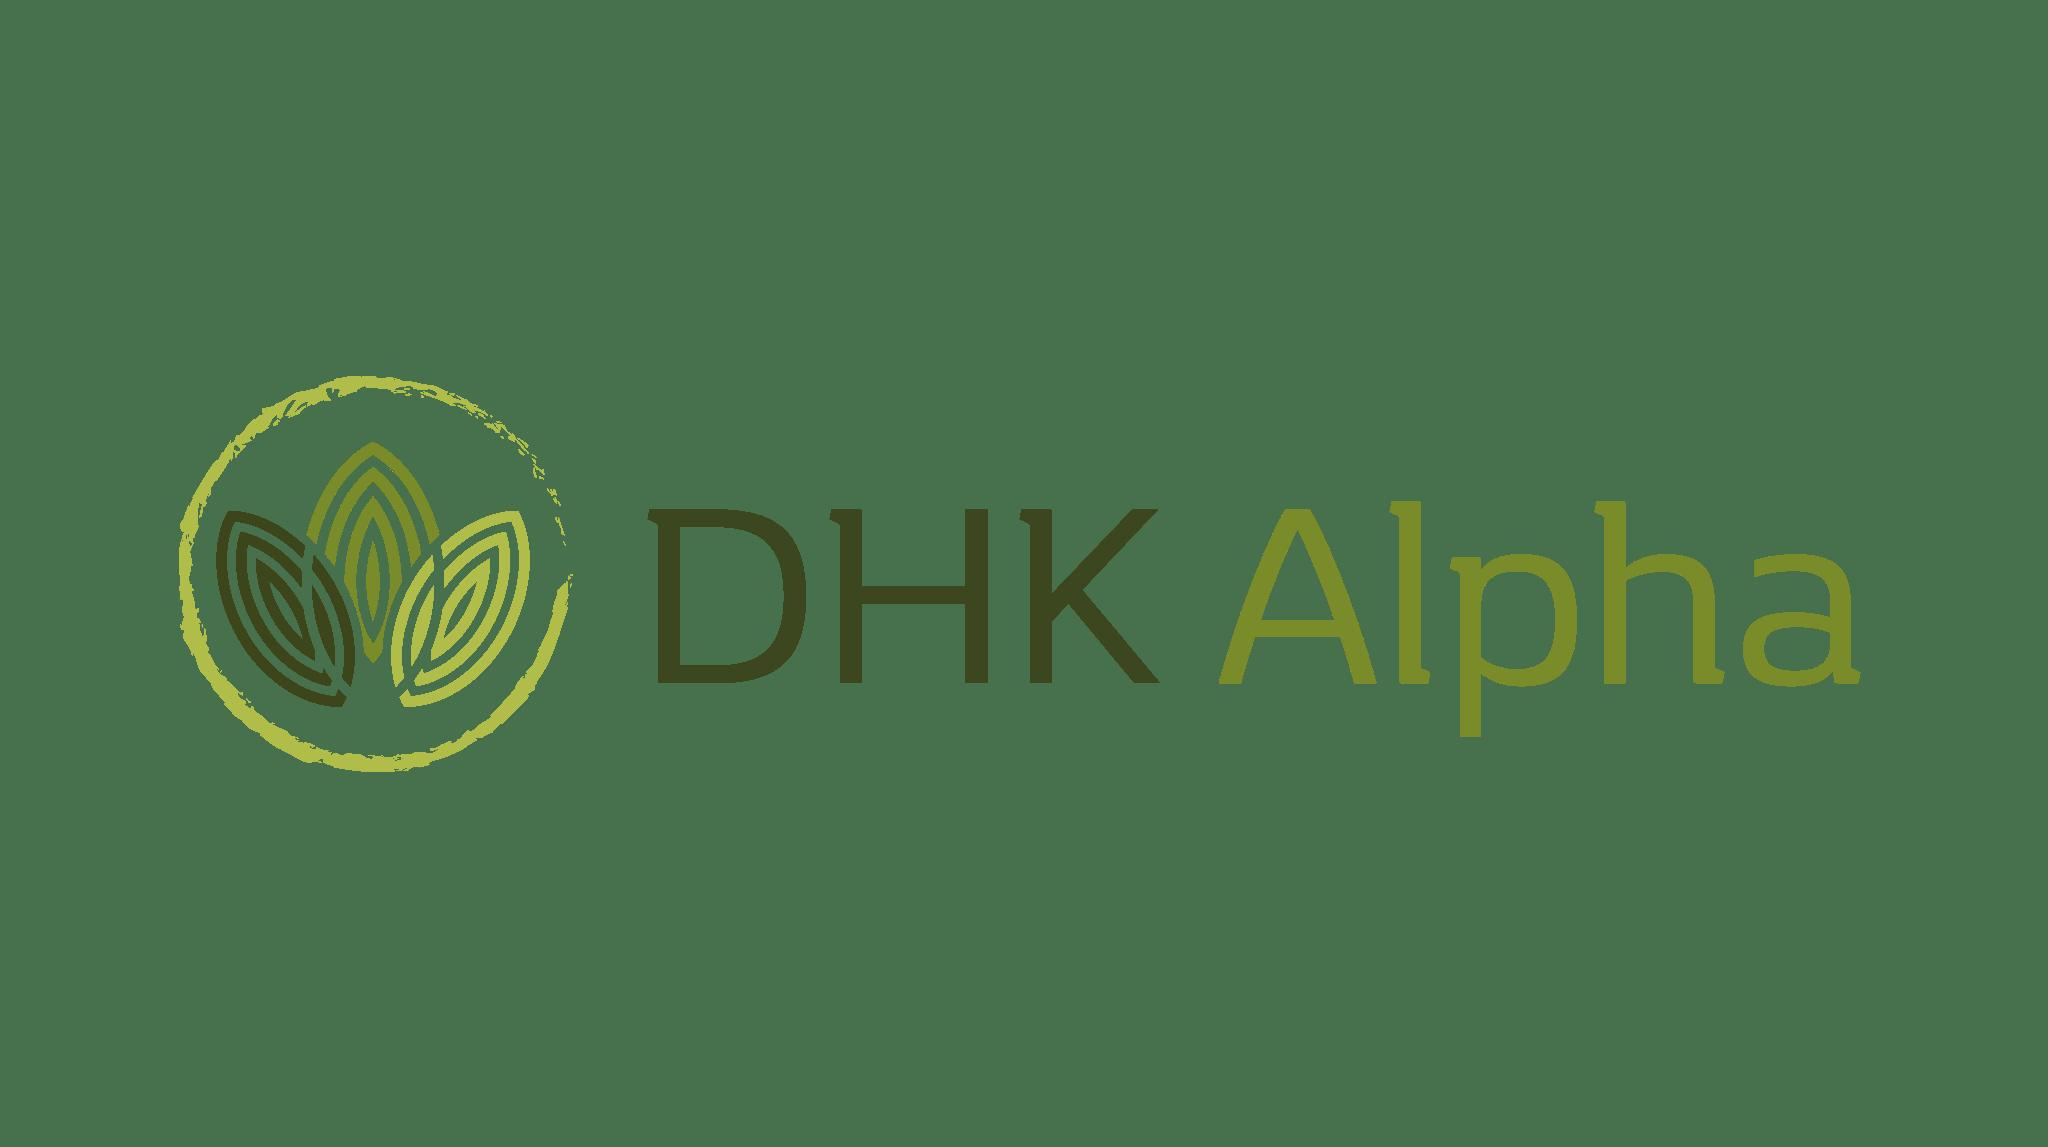 dhk-logo-2